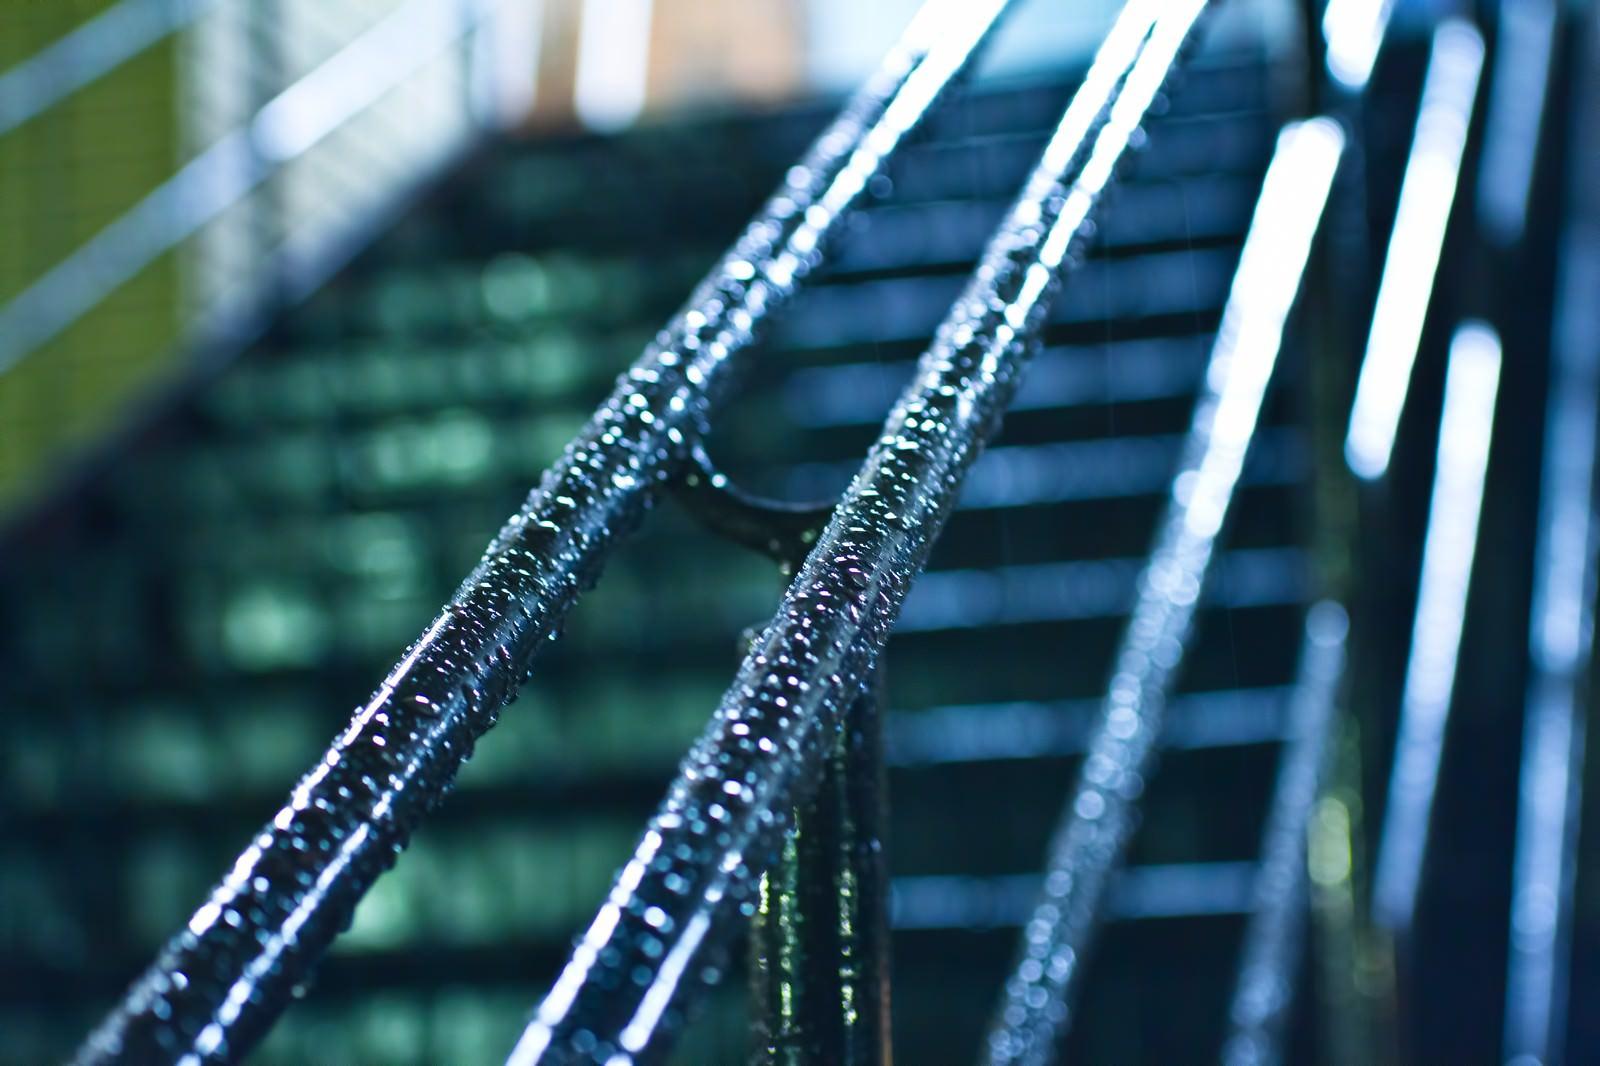 「雨に濡れた手すり」の写真